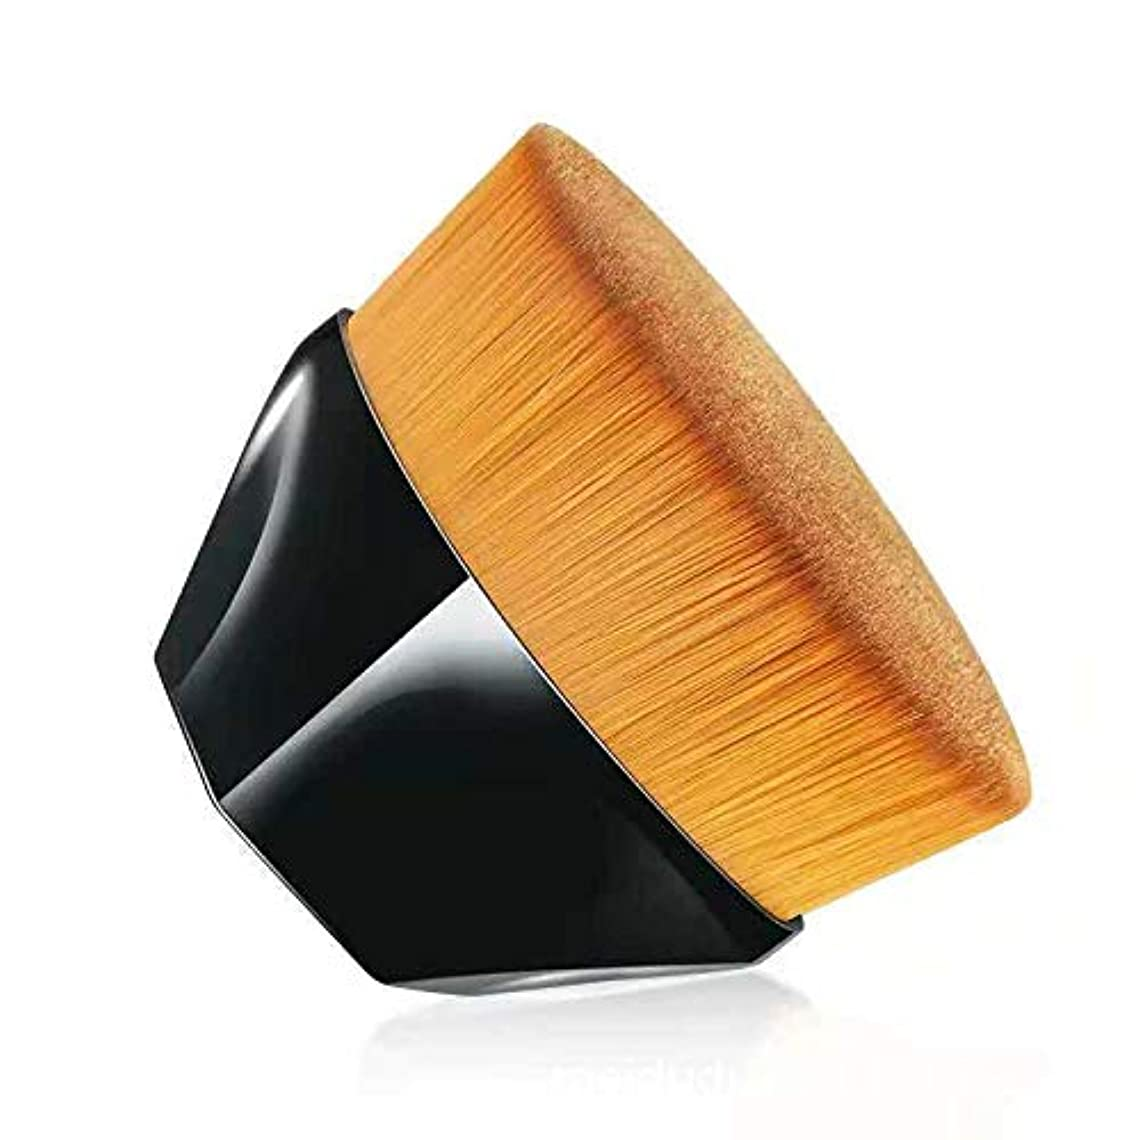 鼻石アクション柔らかい高級繊維毛化粧ブラシ 携帯便利メイクアップブラシ?肌にやさしいファンデーションブラシ?化粧筆 (ブラック)